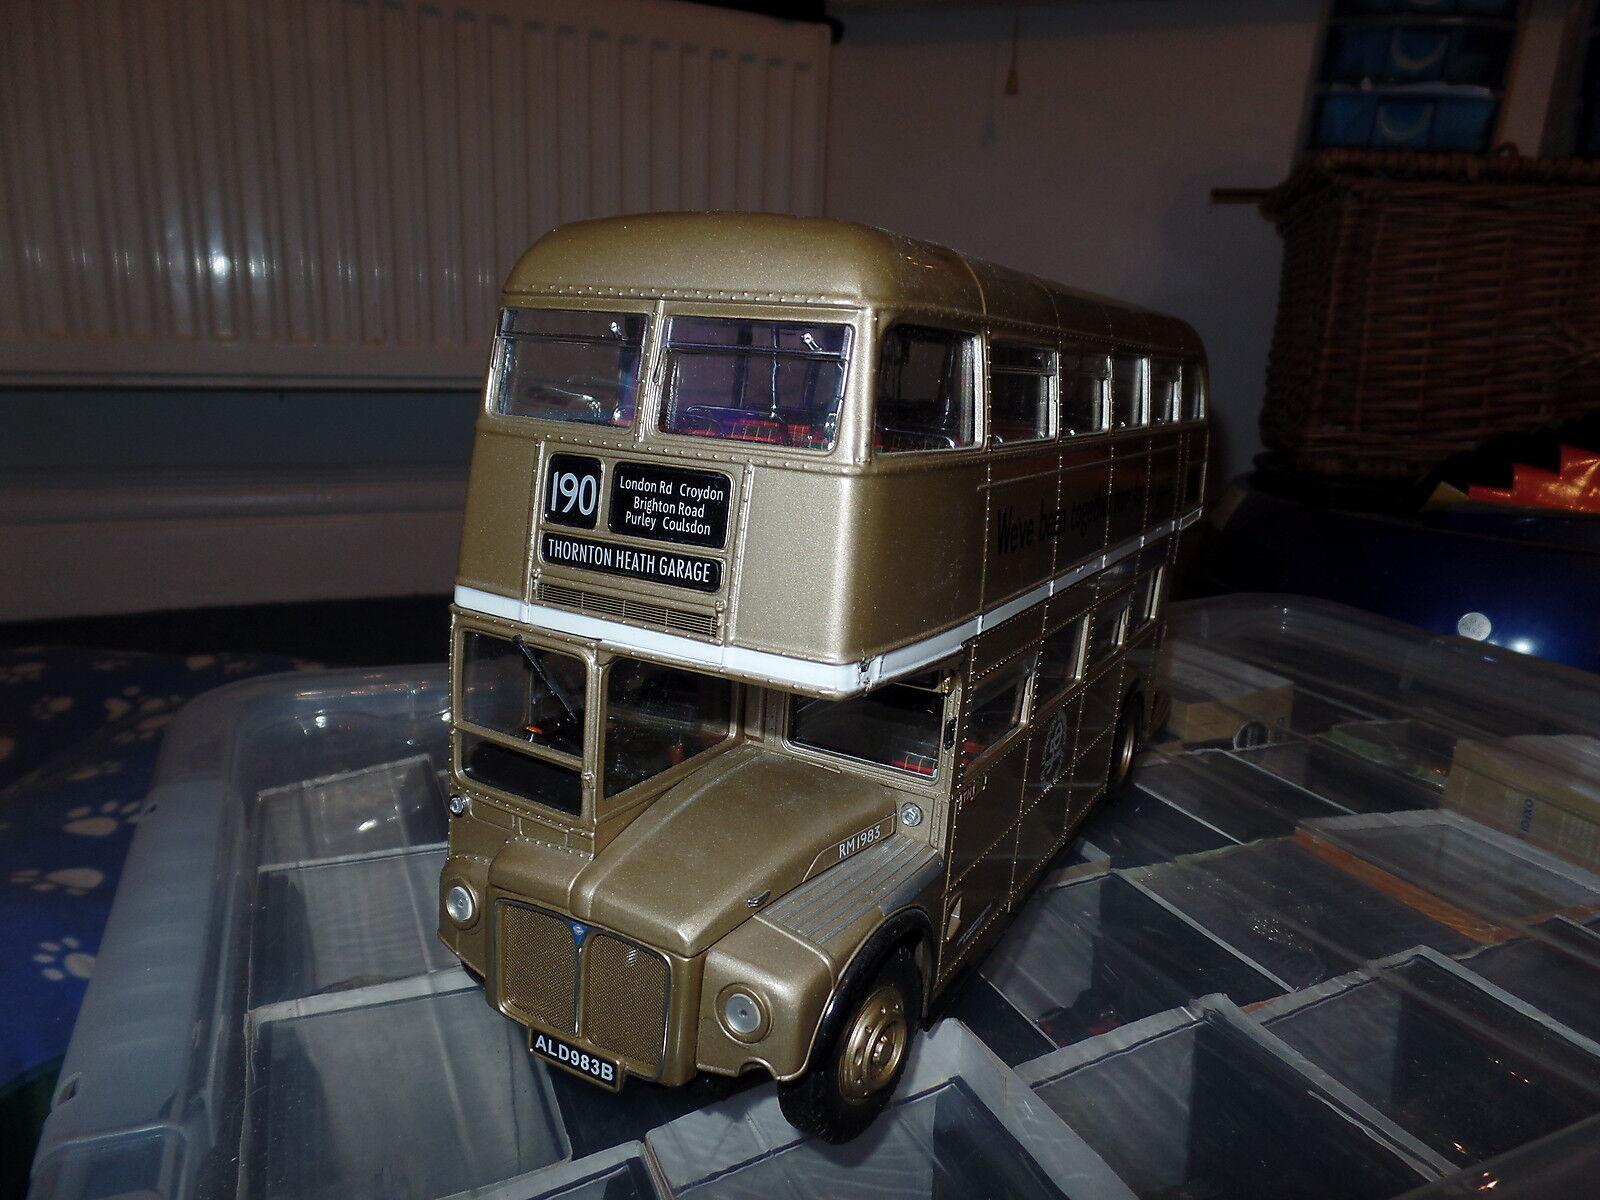 hasta un 70% de descuento Sun Estrella H2911 2911 1 1 1 24 Routemaster Bus RM1983 London Transport 50th Dorado 190  Sin impuestos